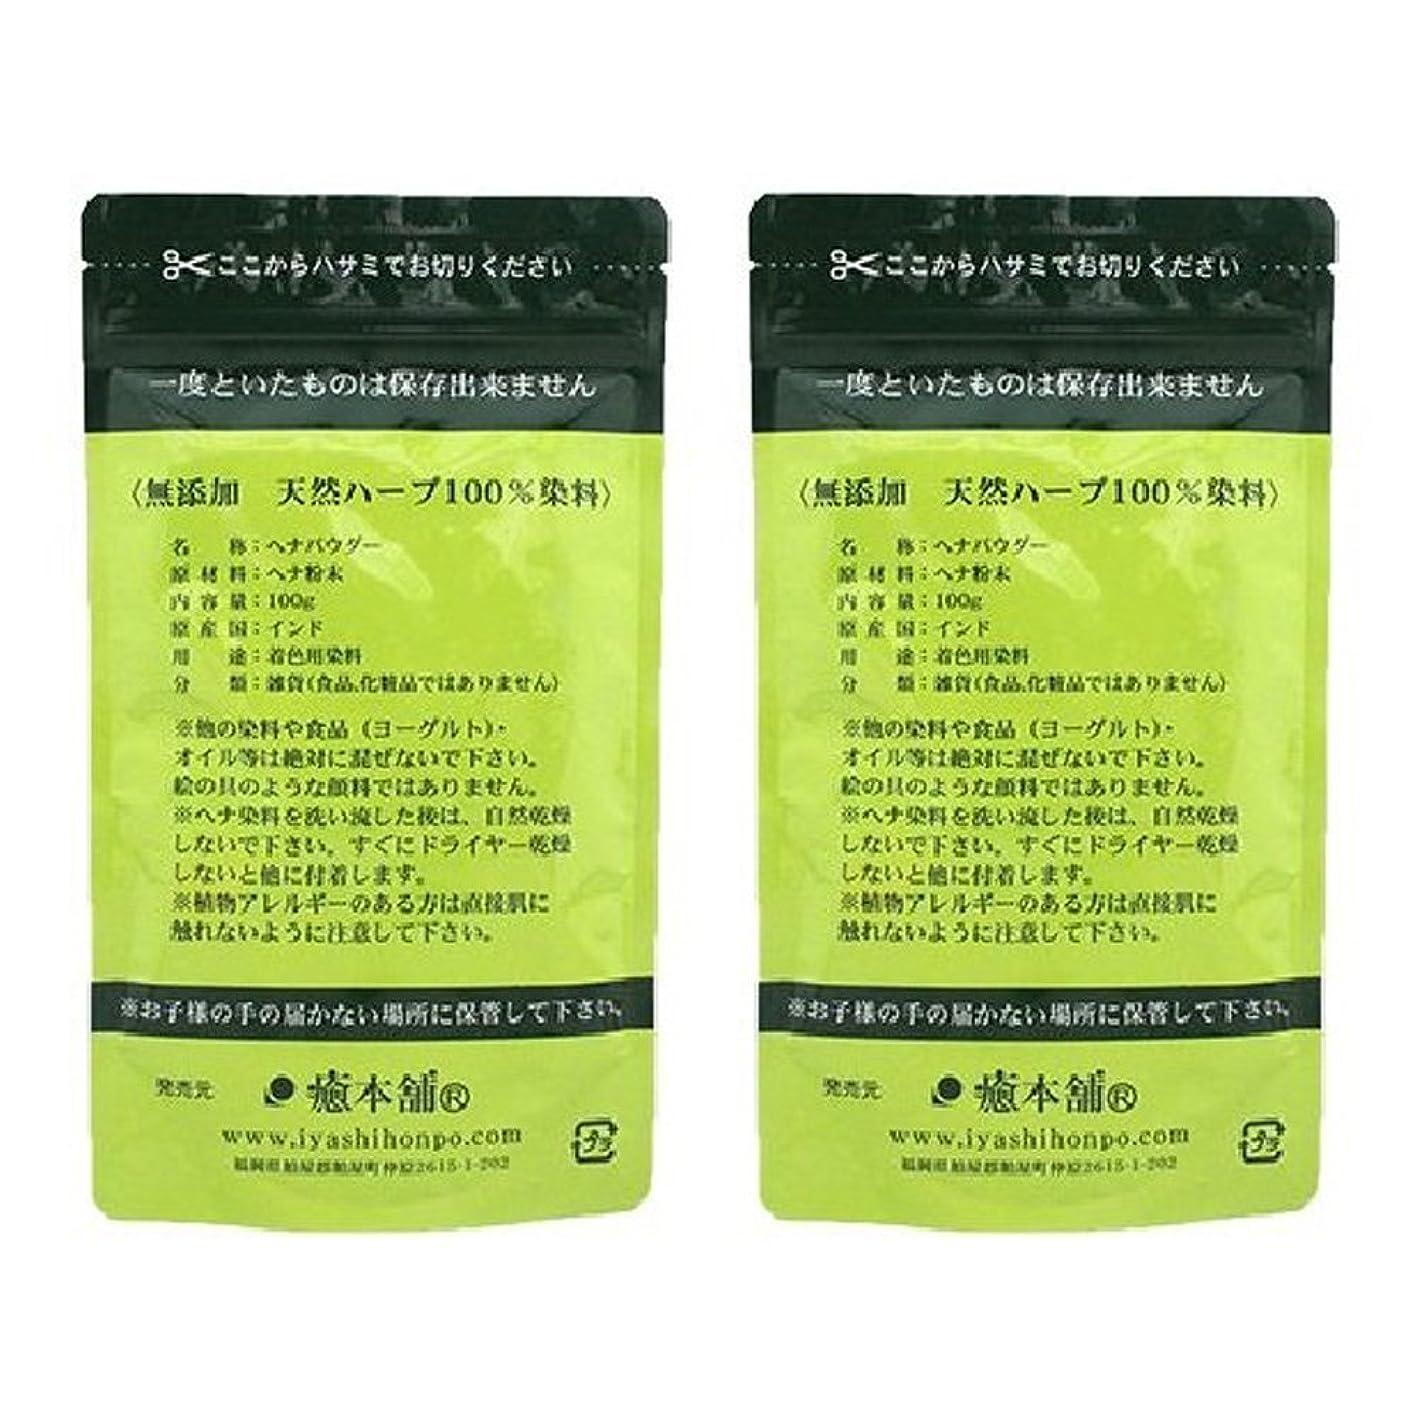 スキル指定フルーツ野菜天然染料100% 癒本舗 ヘナ 100g×2個セット 白髪染め ノンシリコン ヘアカラー ヘナカラー